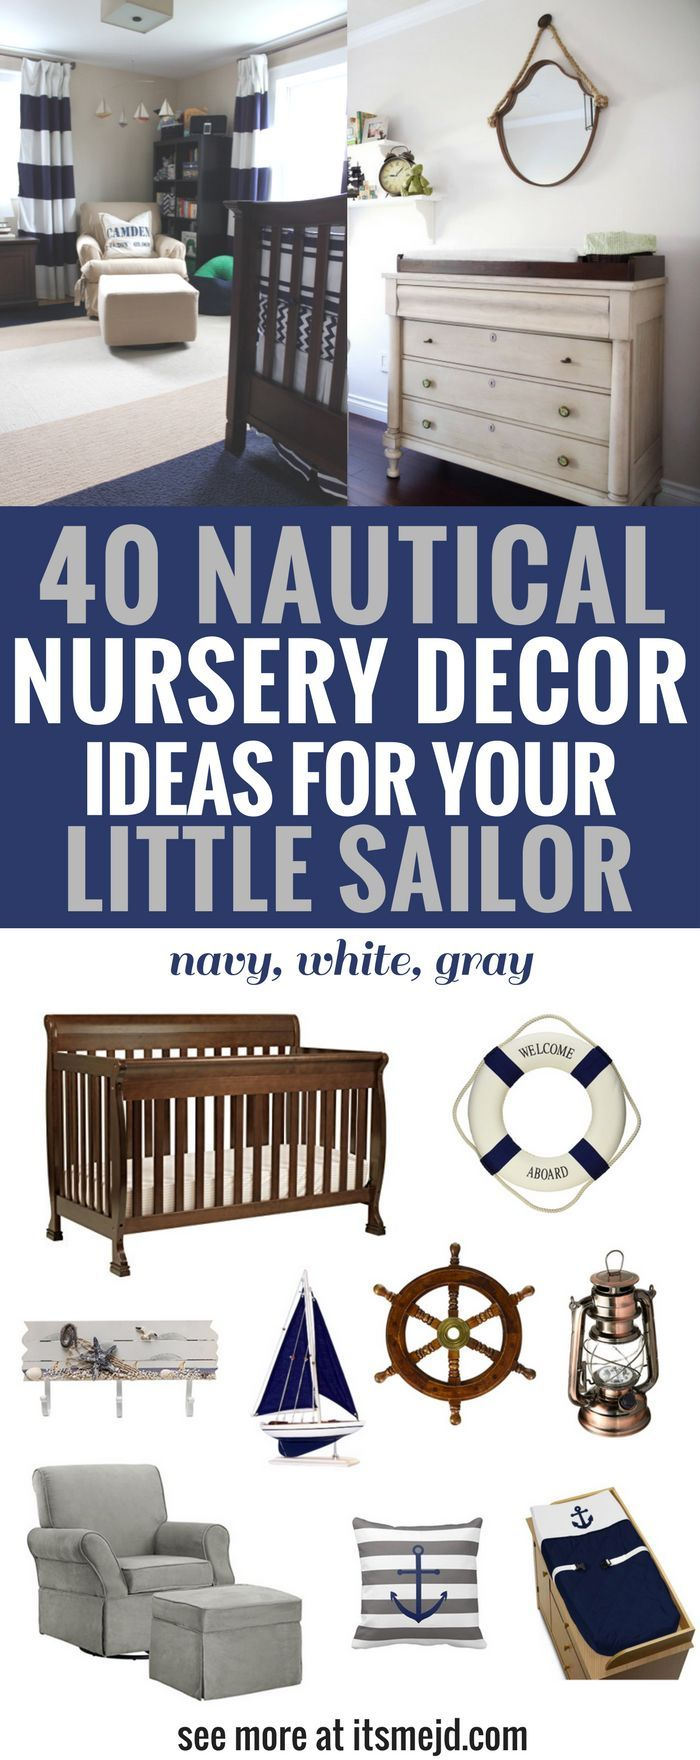 40 Nautical Nursery Decor Ideas for Your Little Sailor | Pinterest